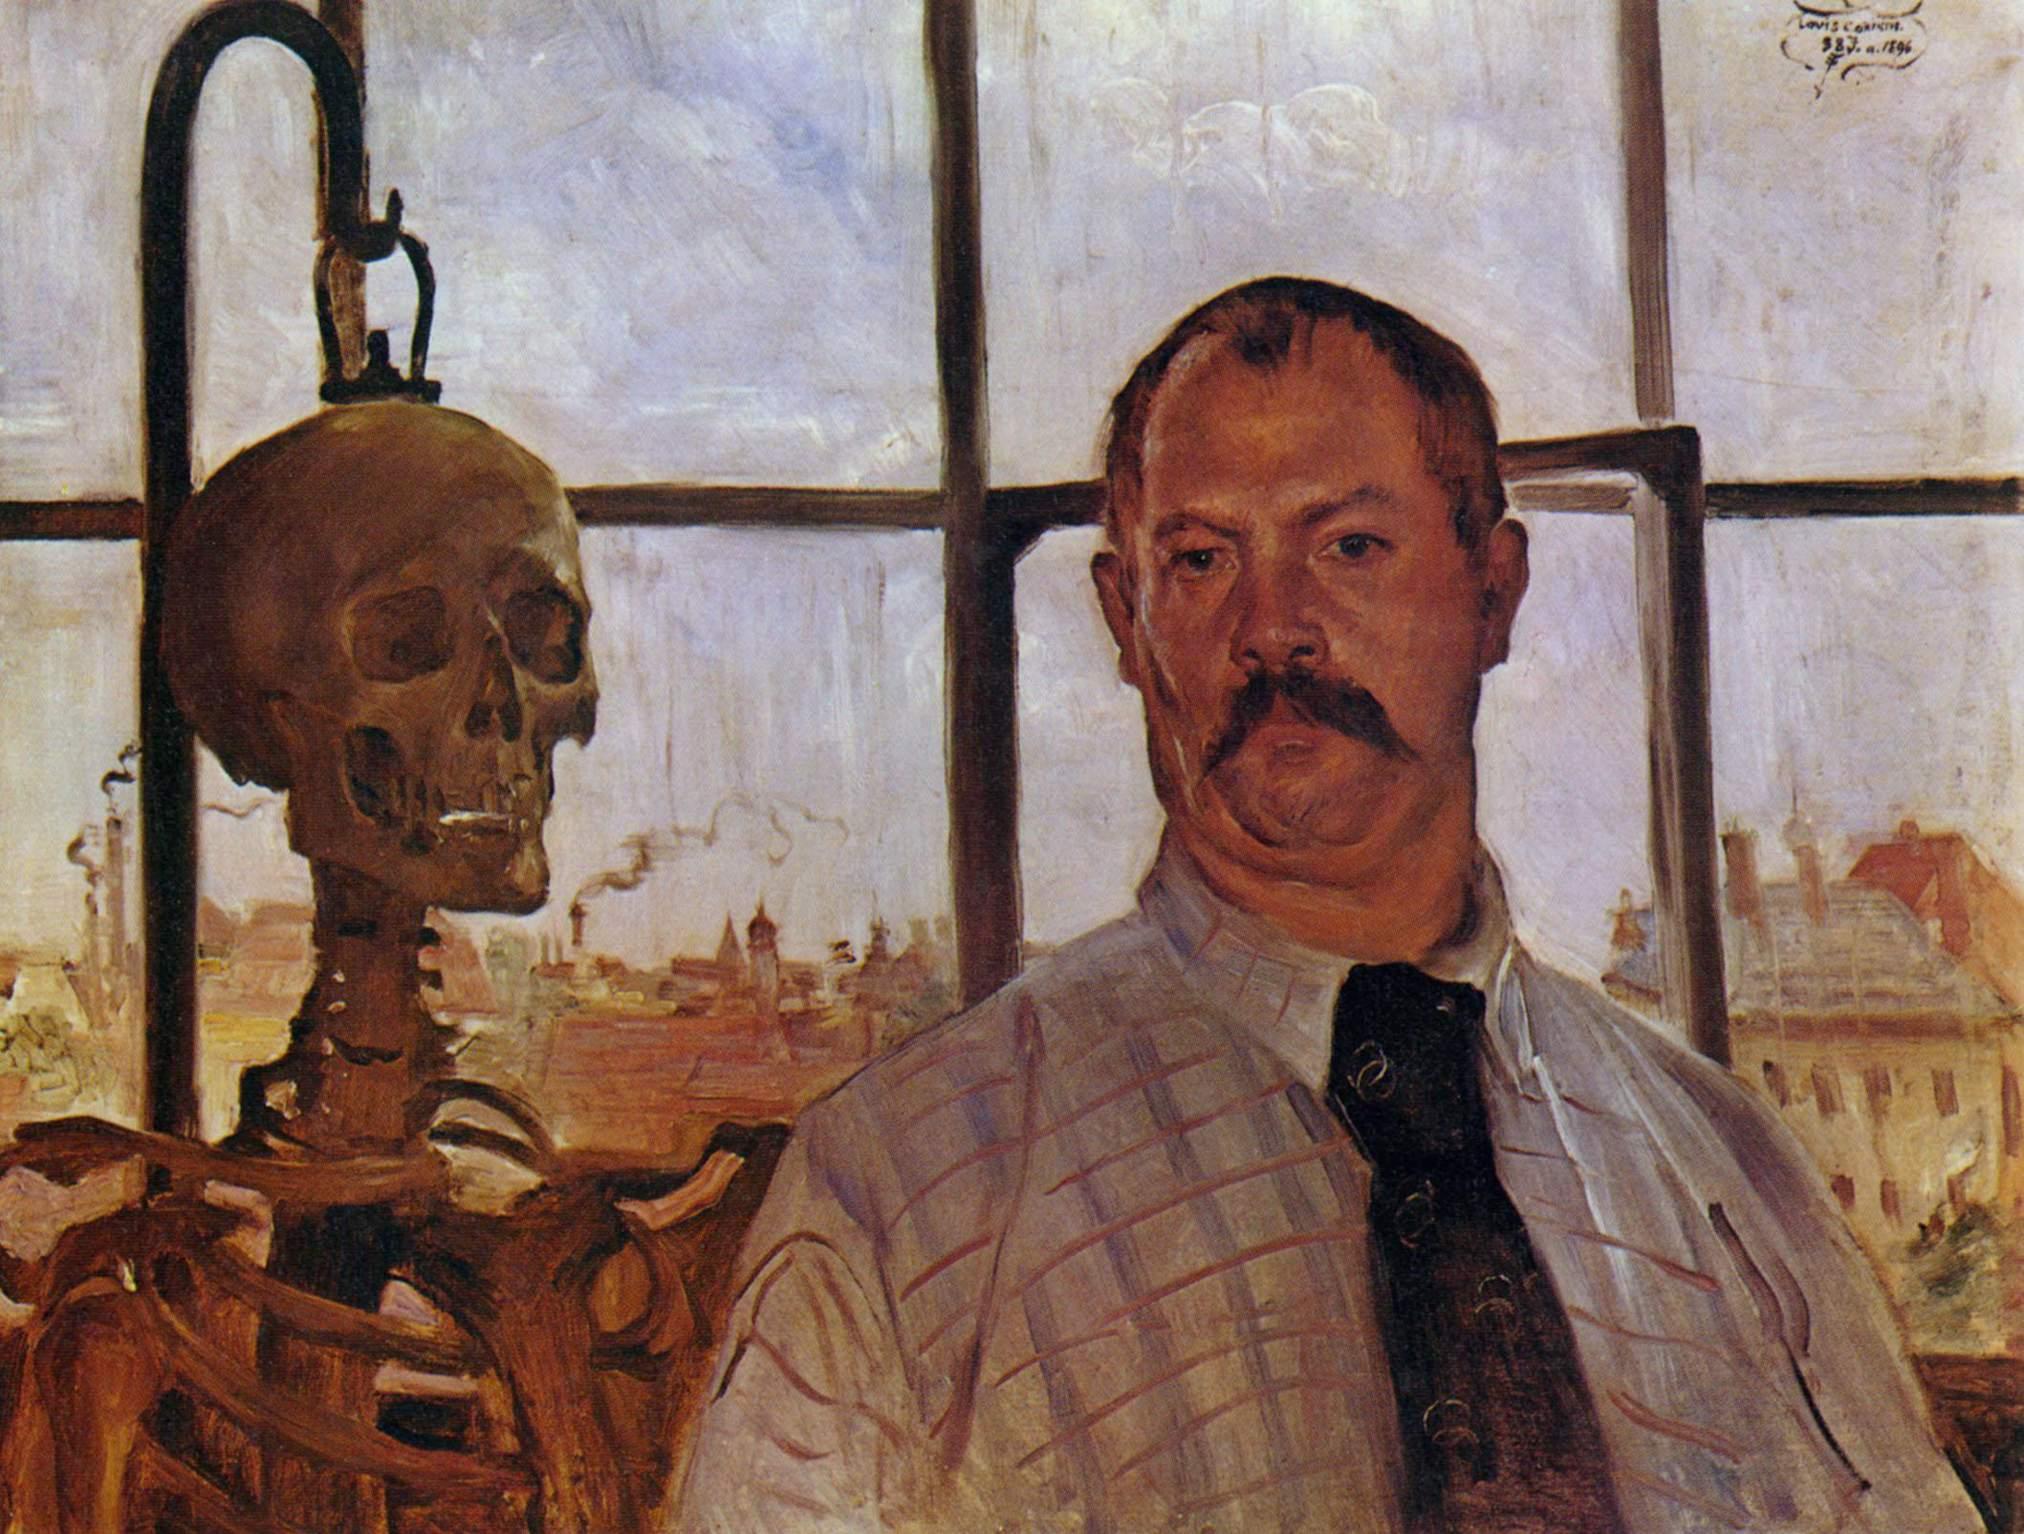 Автопортрет со скелетом, Коринт Ловис